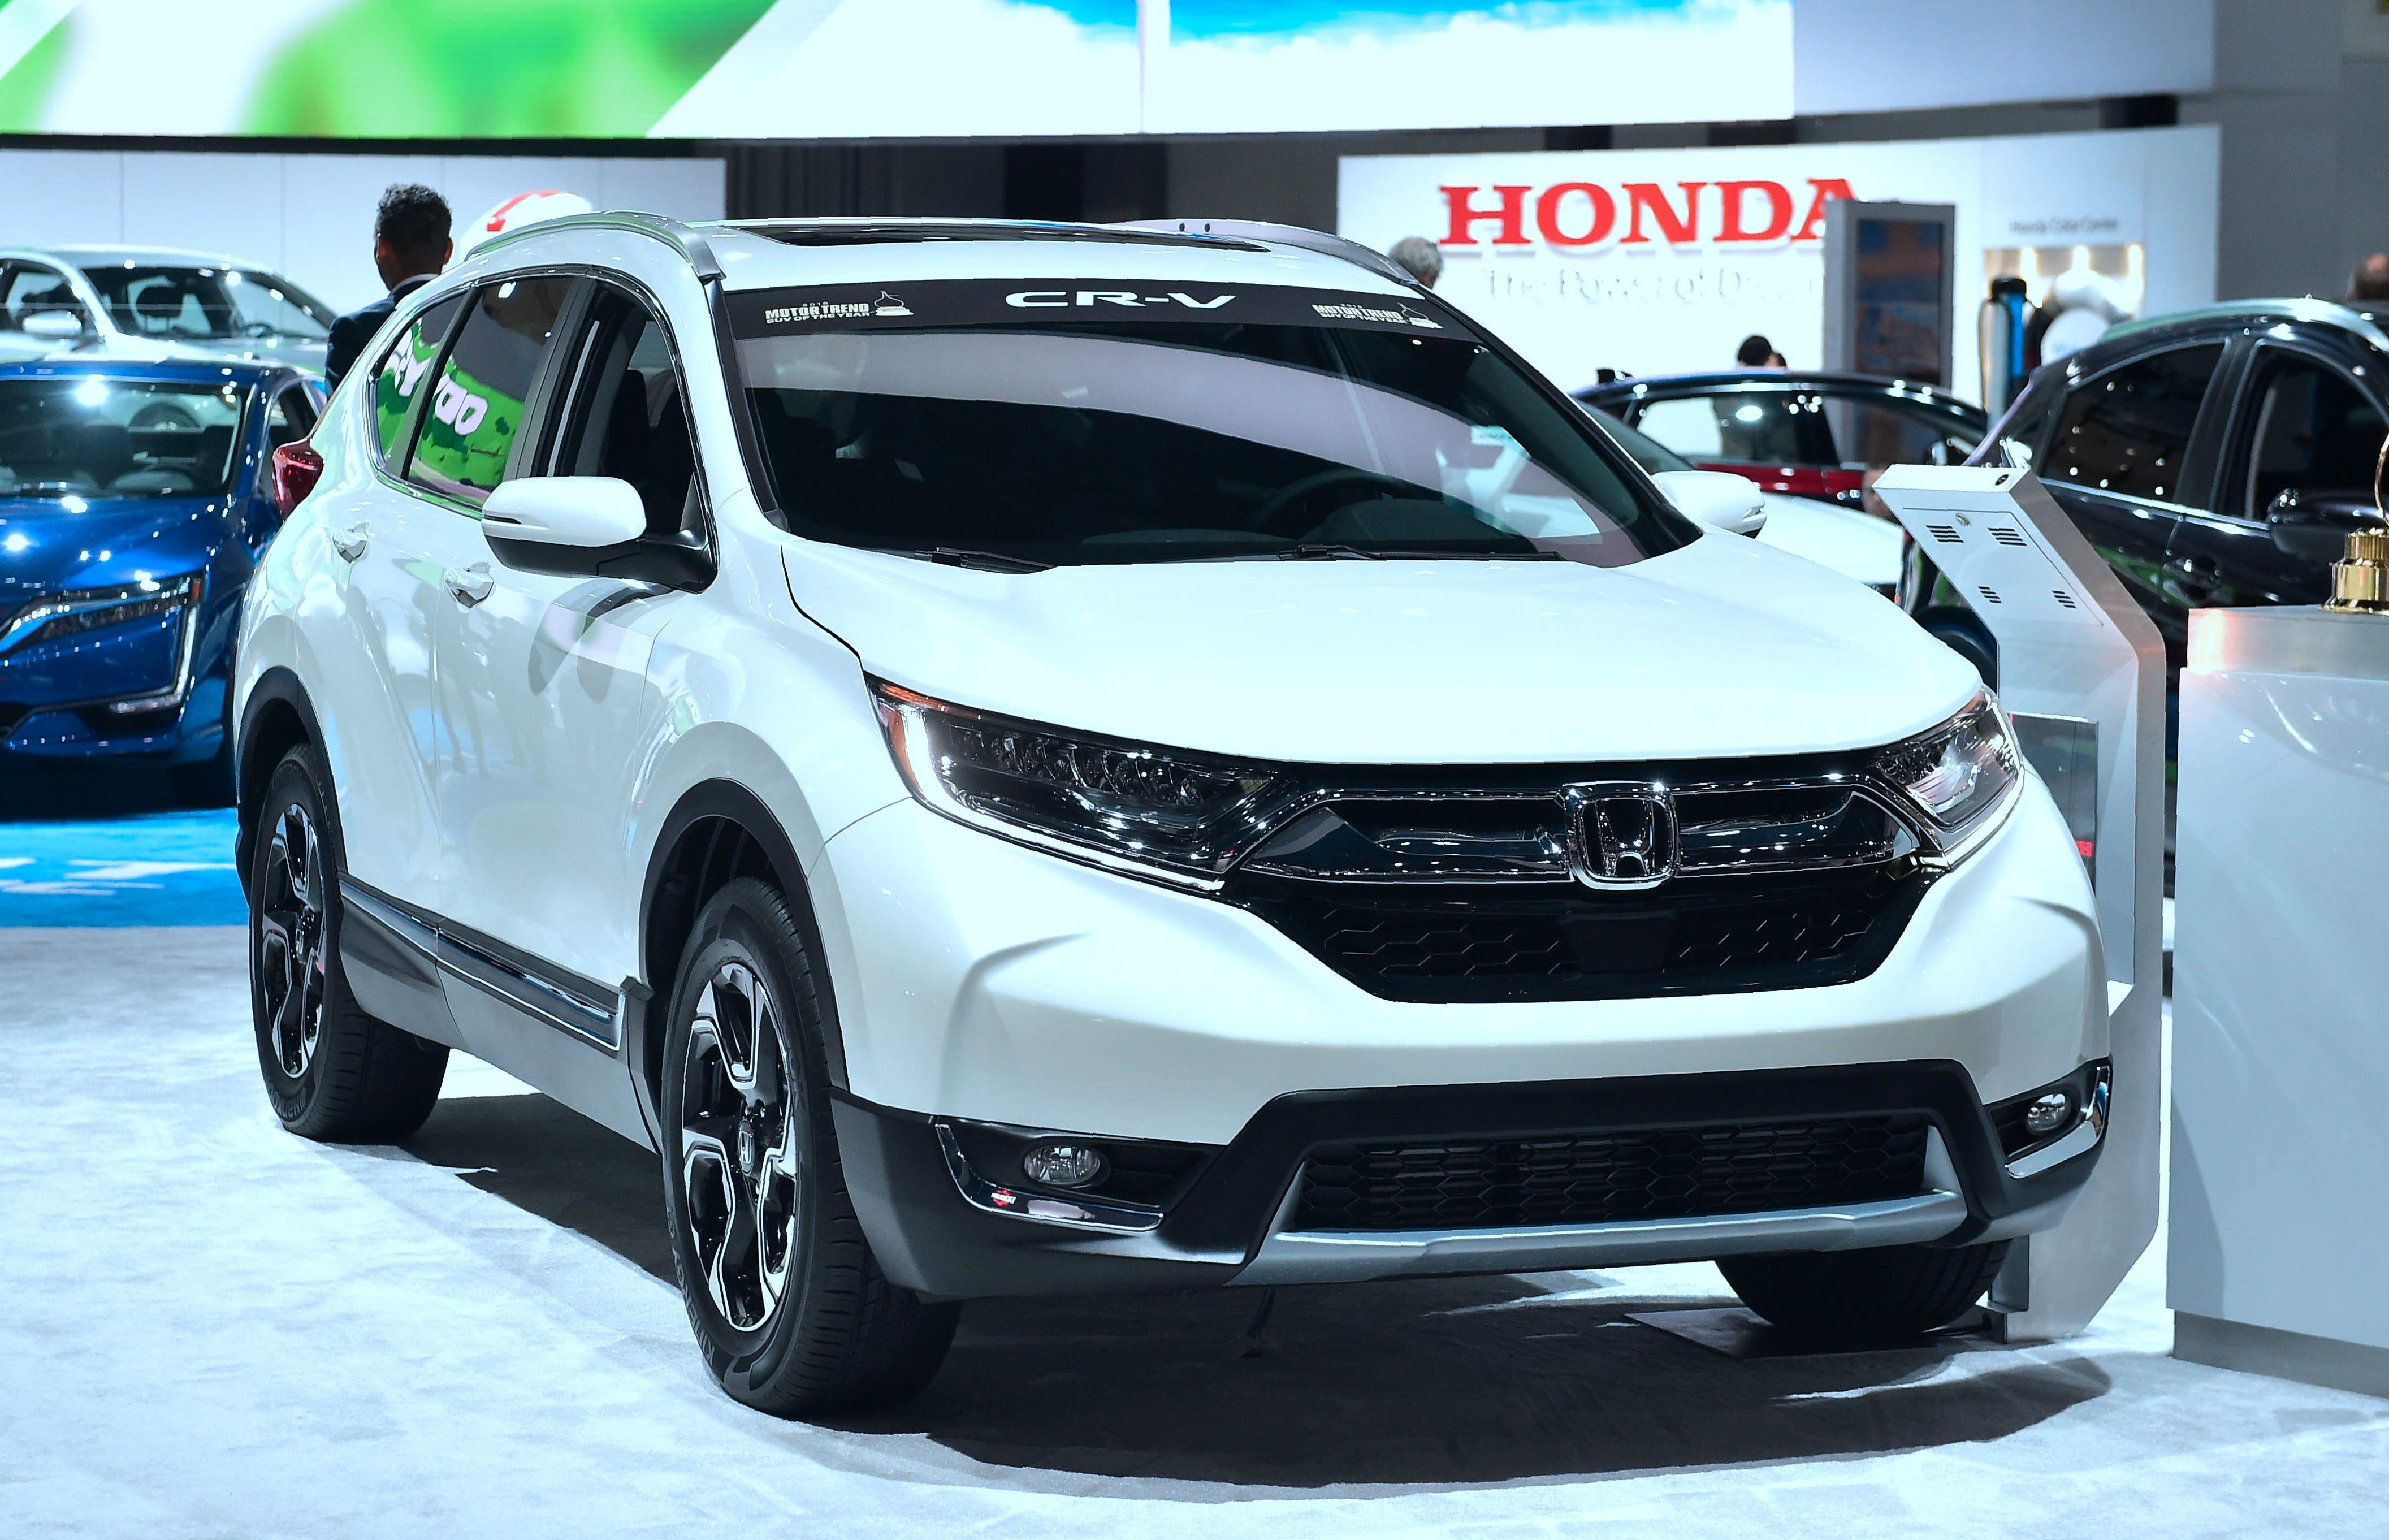 2018 Honda CR-V.